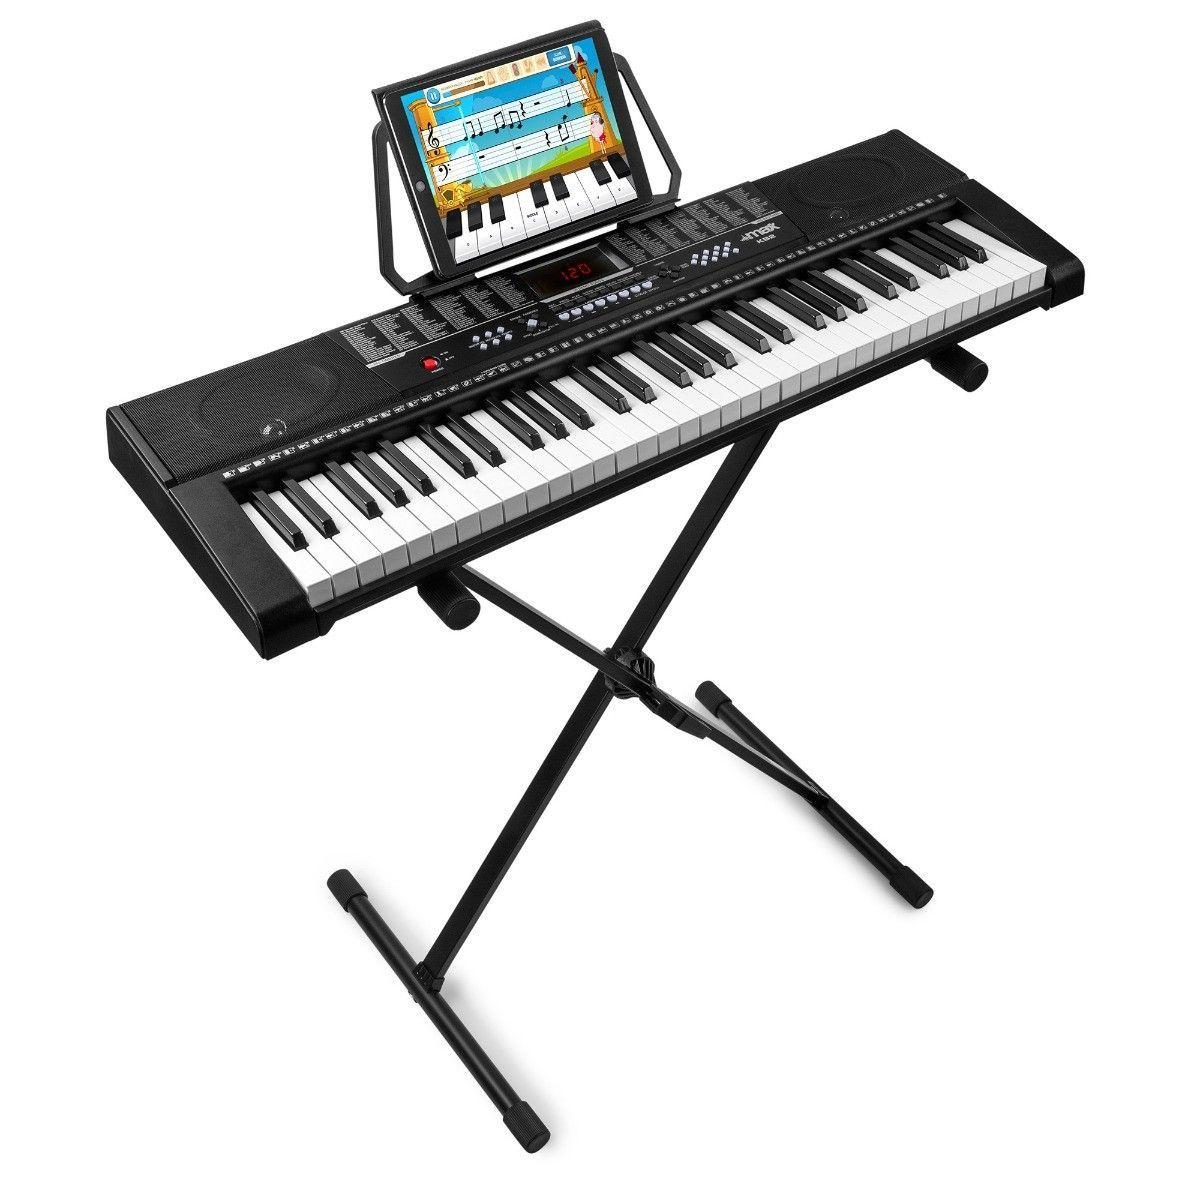 MAX KB2 keyboard met 61 toetsen, trainingsfunctie en keyboardstandaard